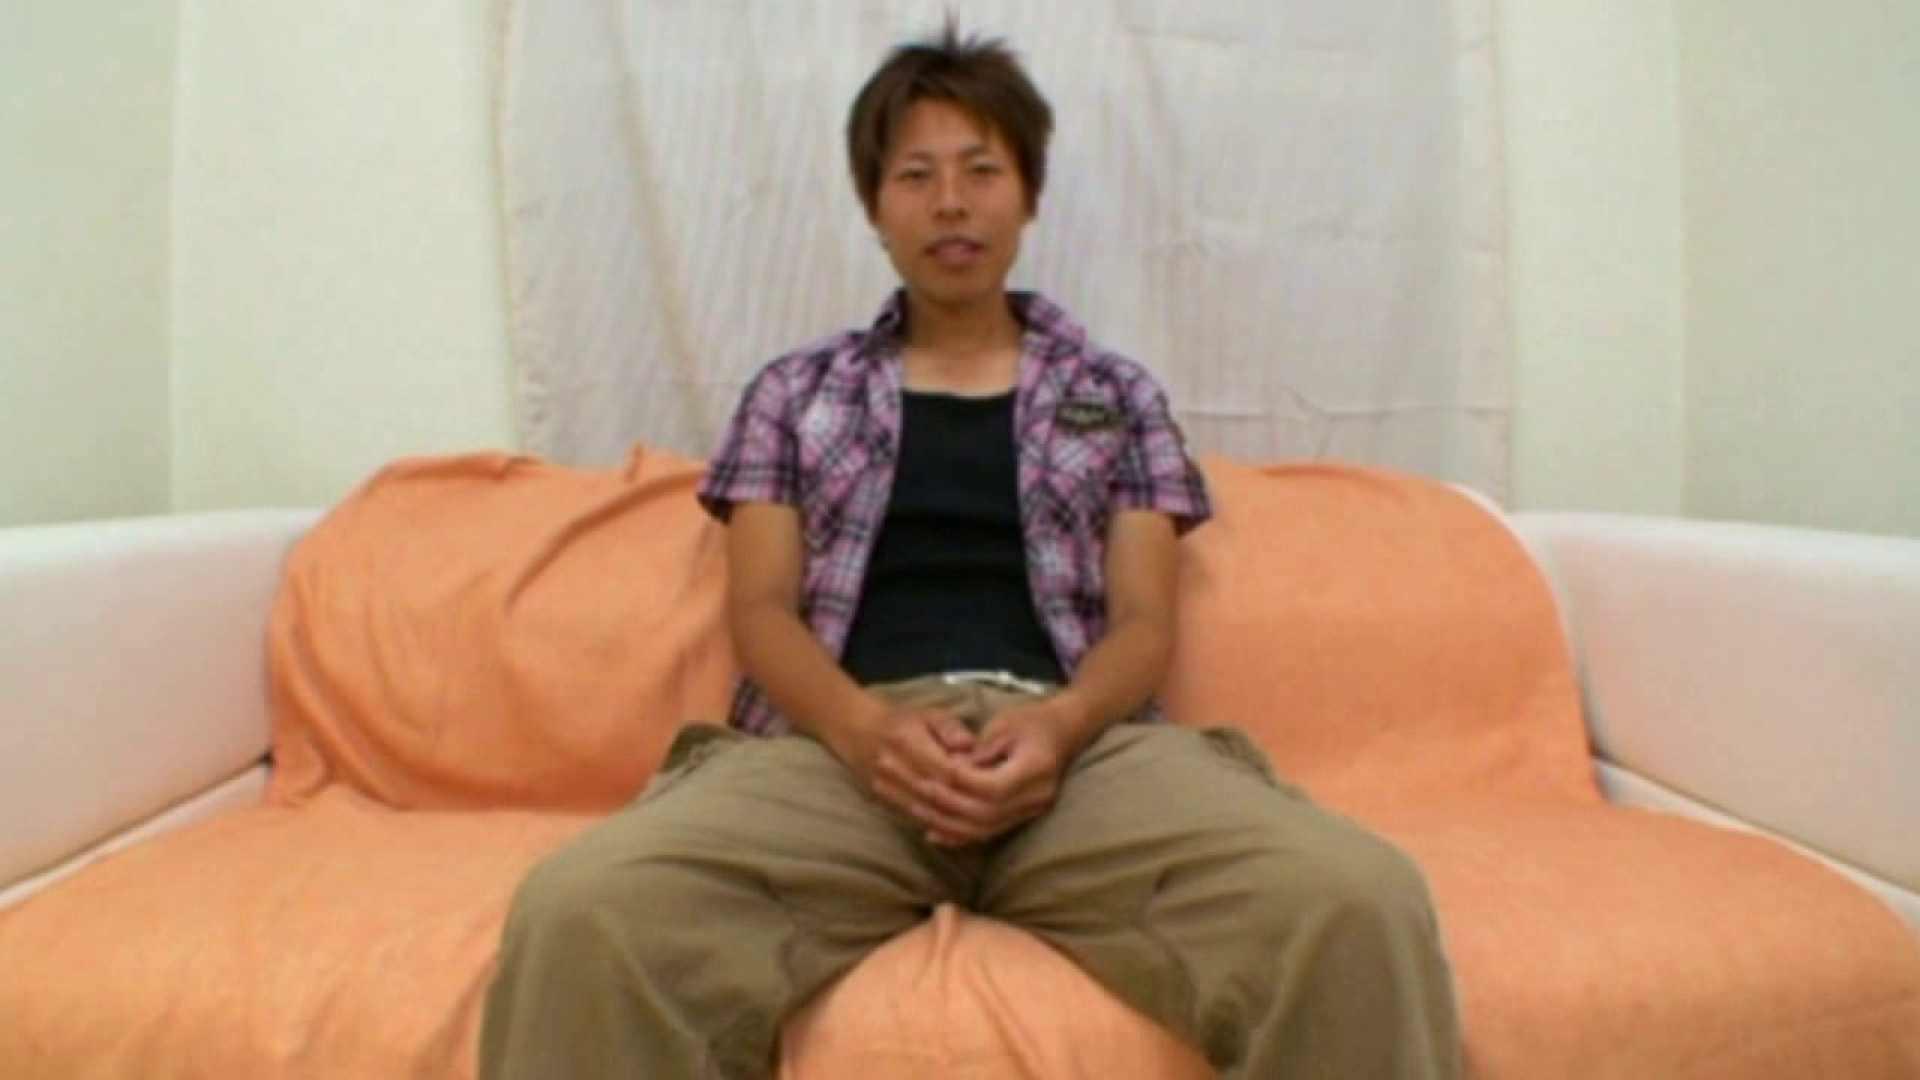 ノンケ!自慰スタジオ No.10 オナニー アダルトビデオ画像キャプチャ 113枚 64